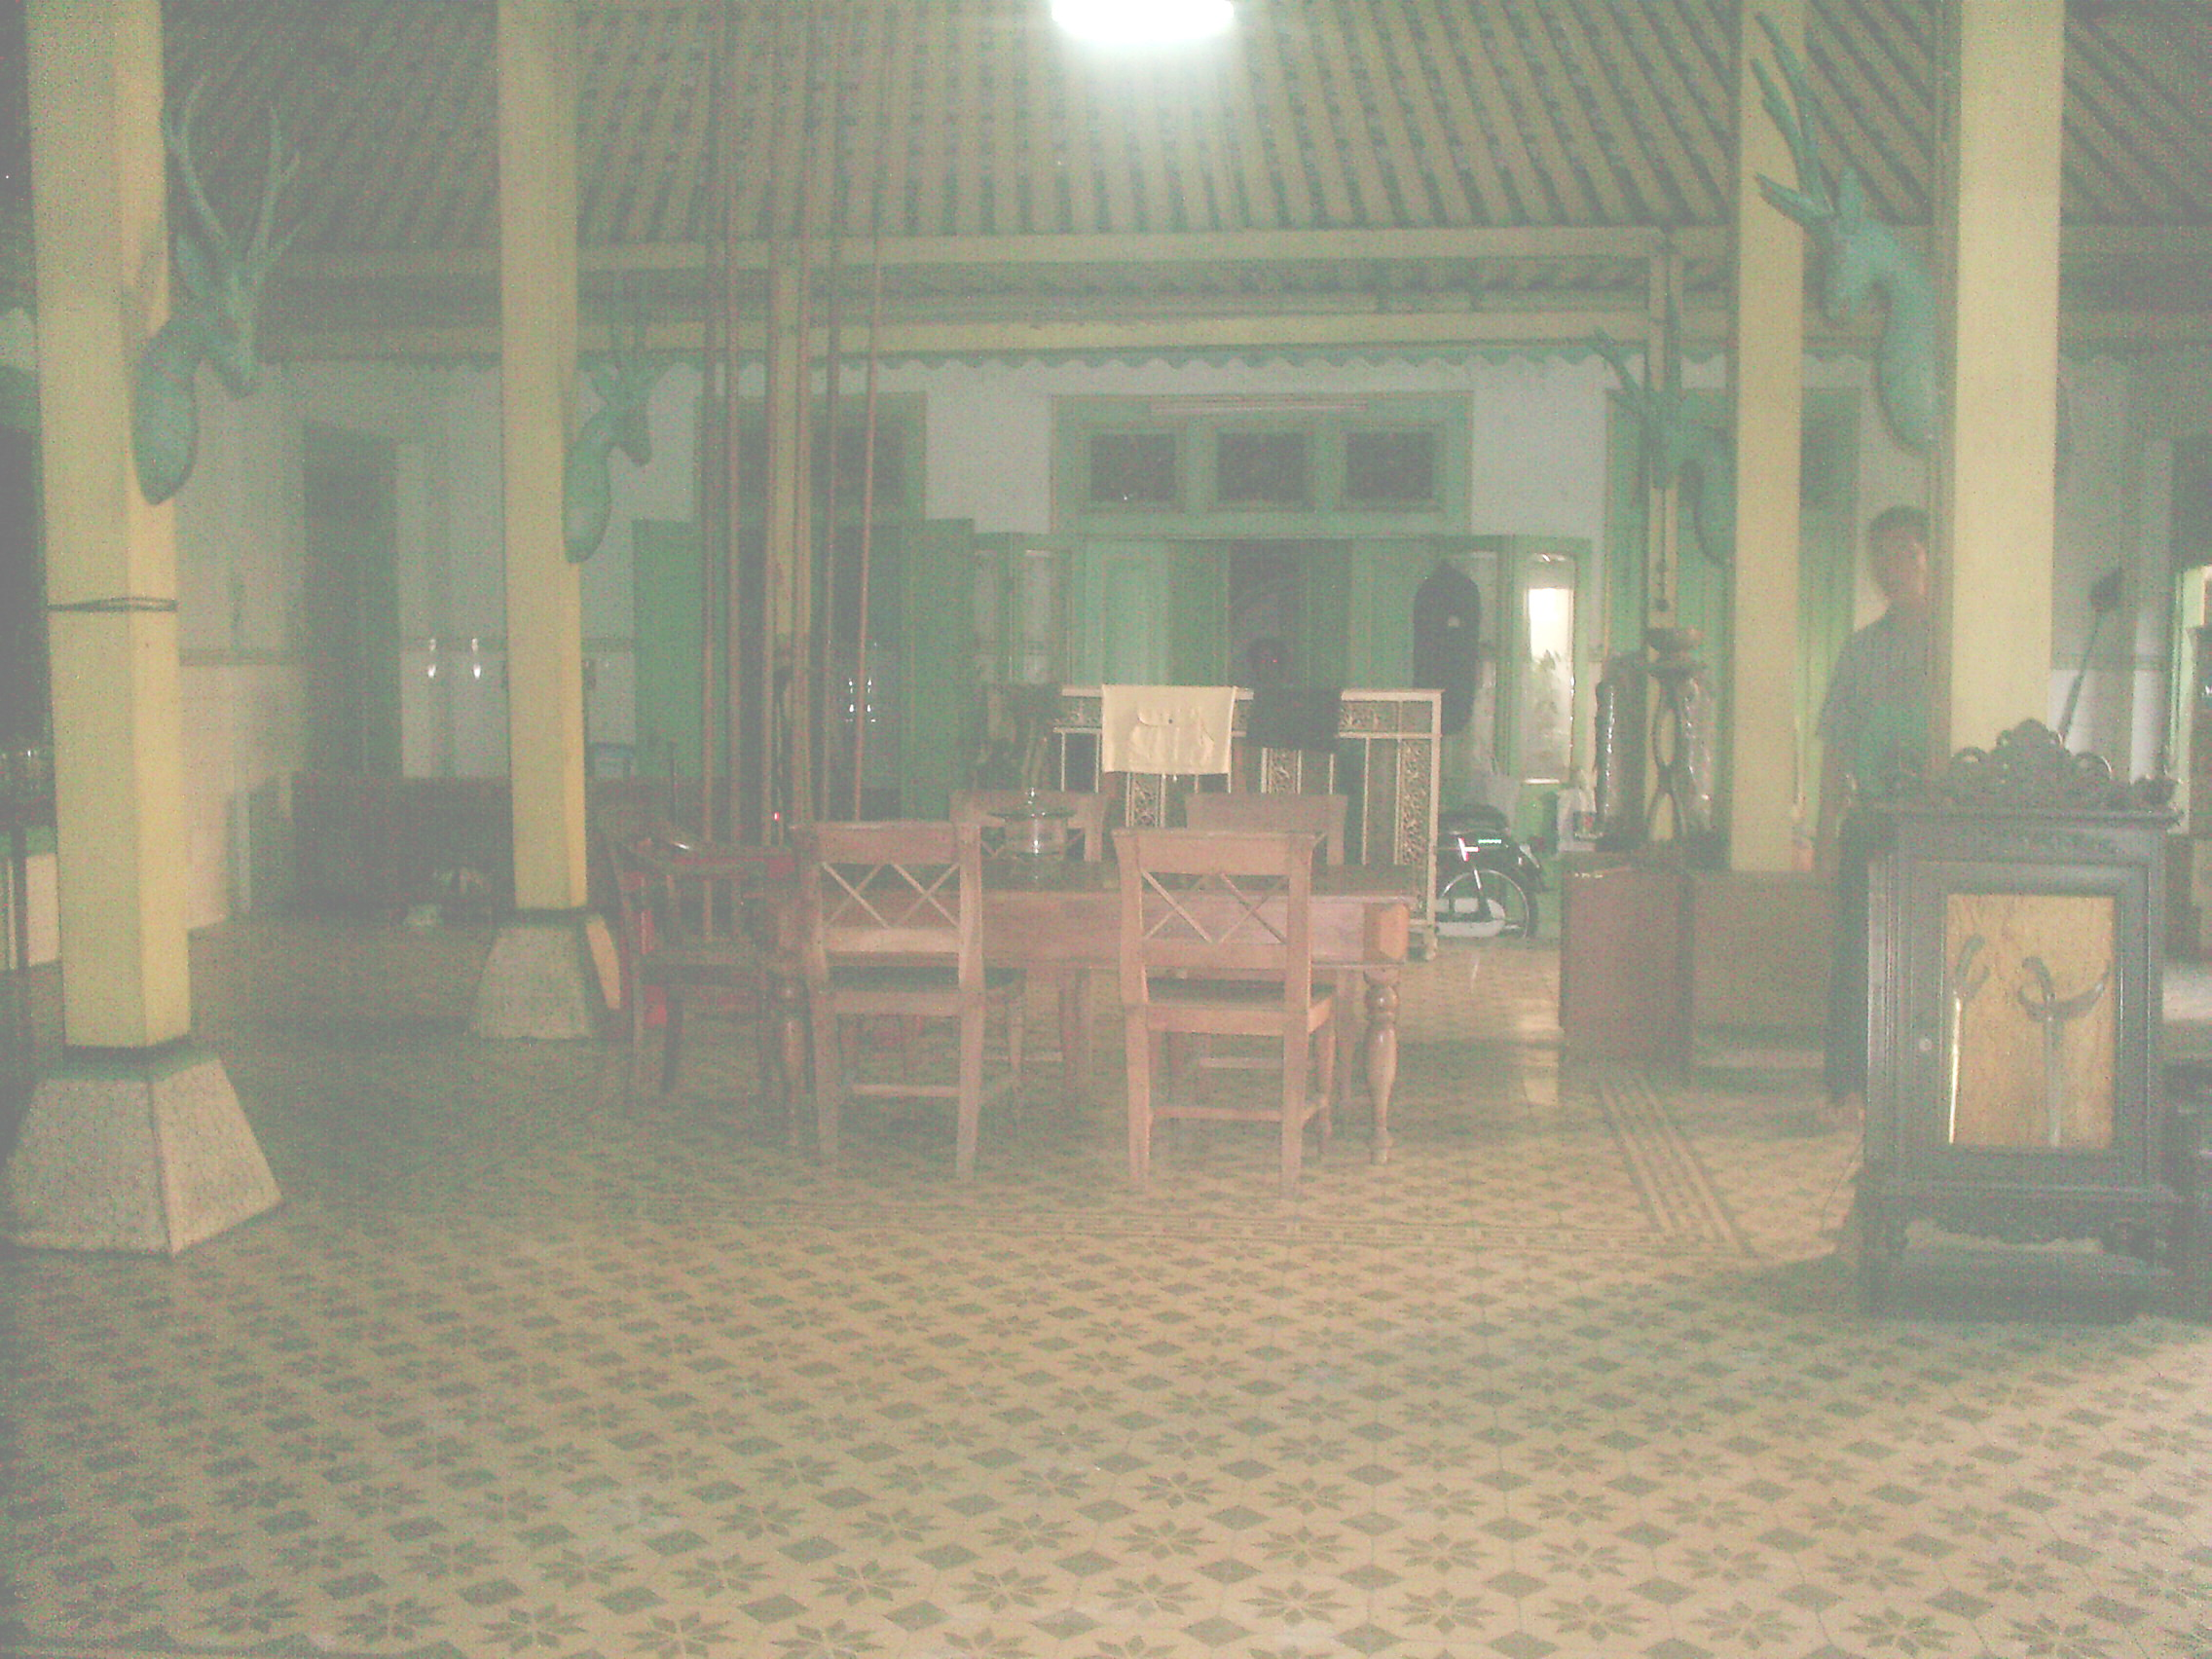 Denah Rumah Joglo Jawa struktur rumah tradisional nusantara jawa tengah denah new denah rumah